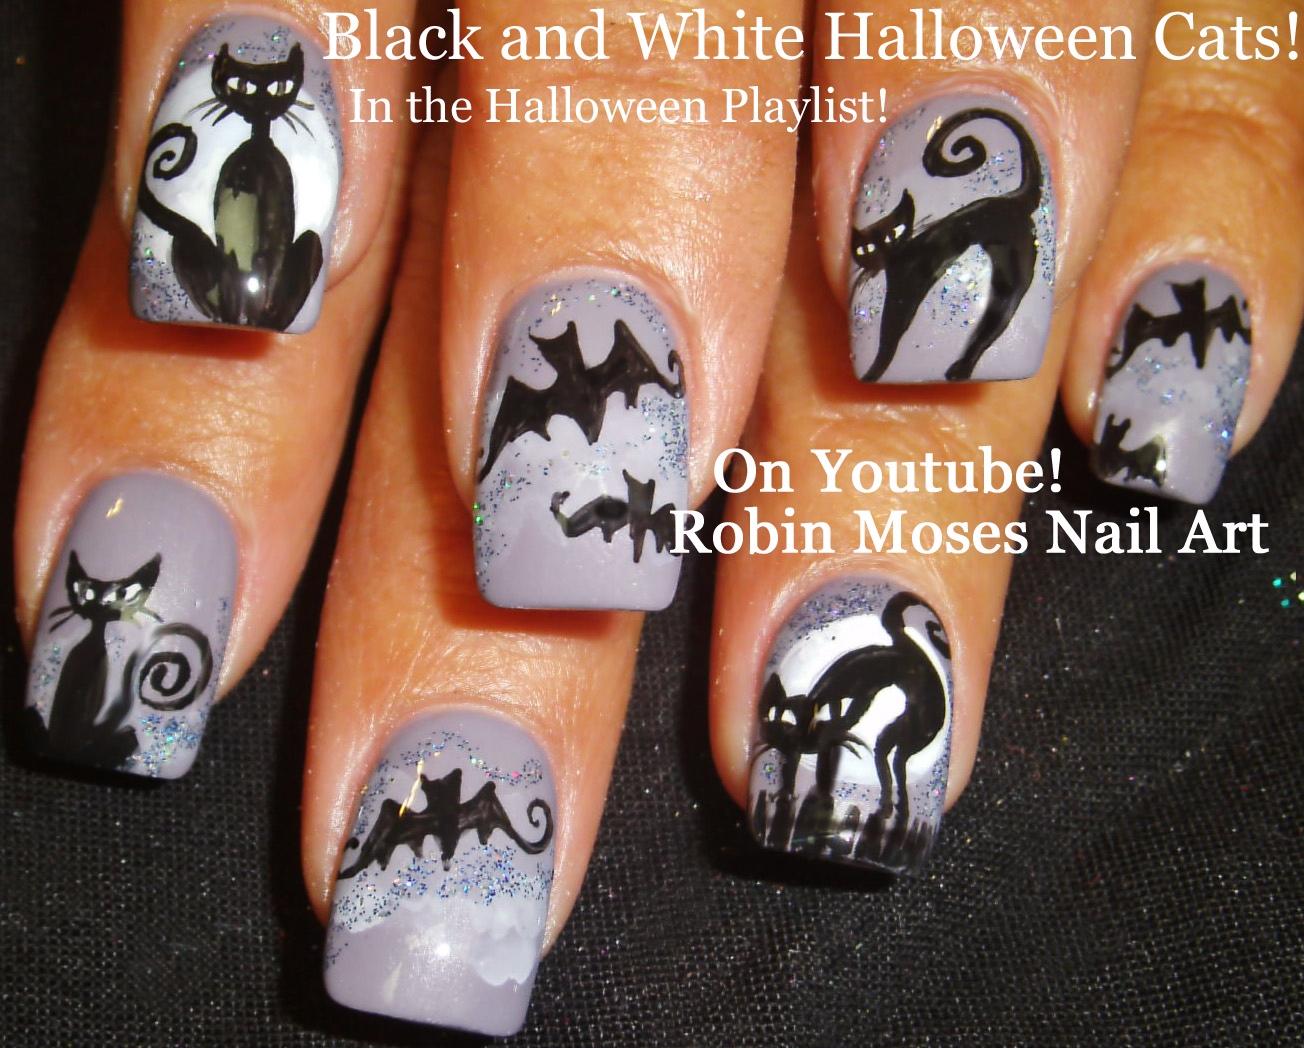 Nail Art by Robin Moses: Glowing Black Cats! Easy Halloween DIY Nail ...